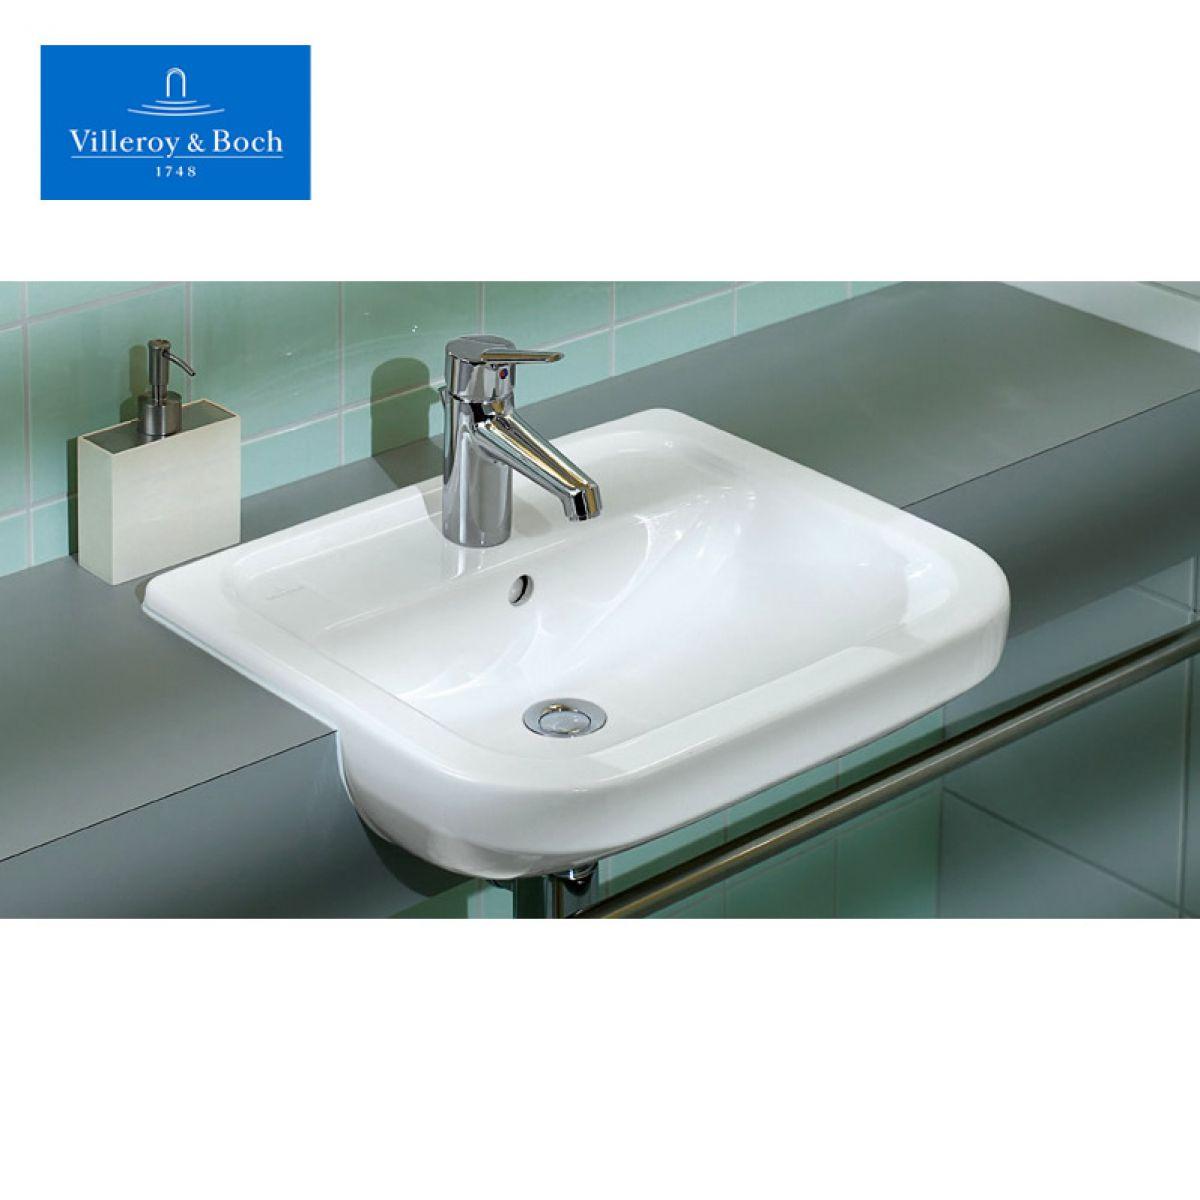 Villeroy boch omnia architectura semi recessed washbasin - Villeroy y boch ...